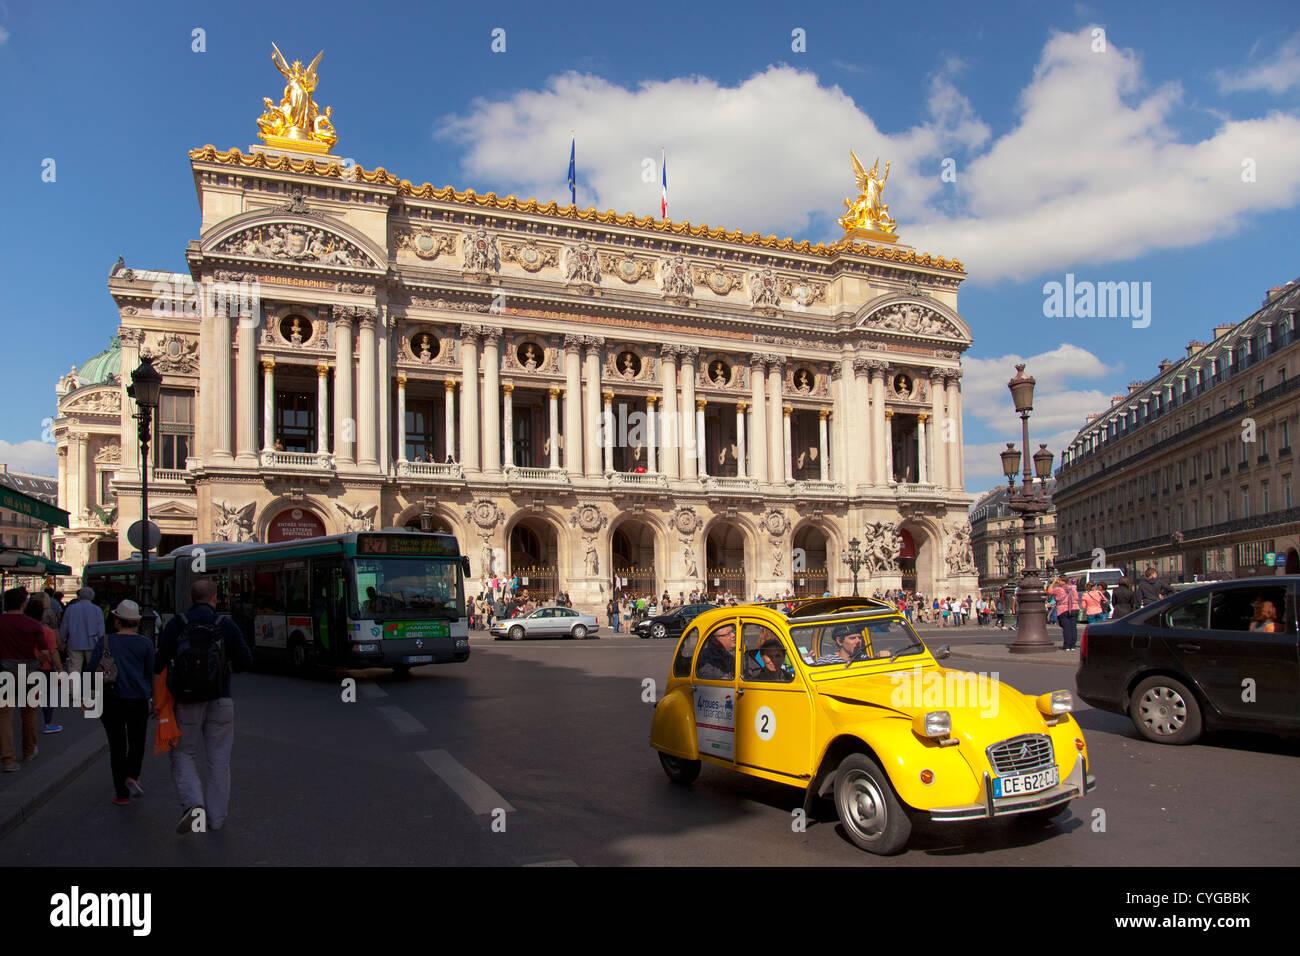 Opera Paris - Palais Garnier at place de l'opera - Stock Image